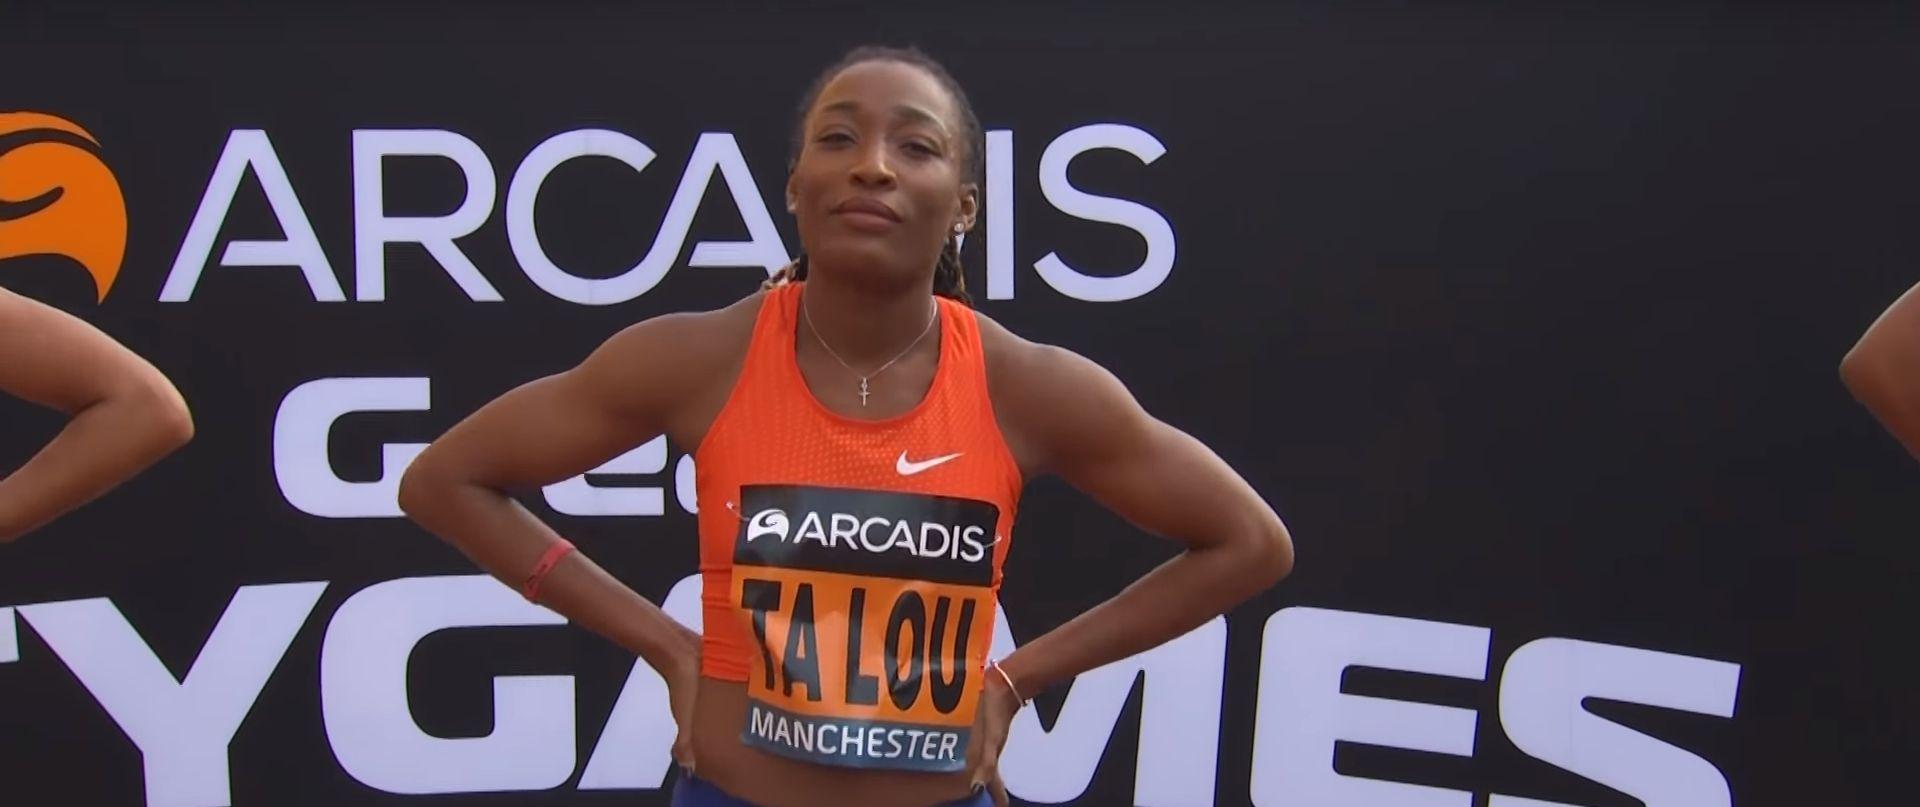 Na Hanžek stiže najbrža žena na svijetu u 2018. godini